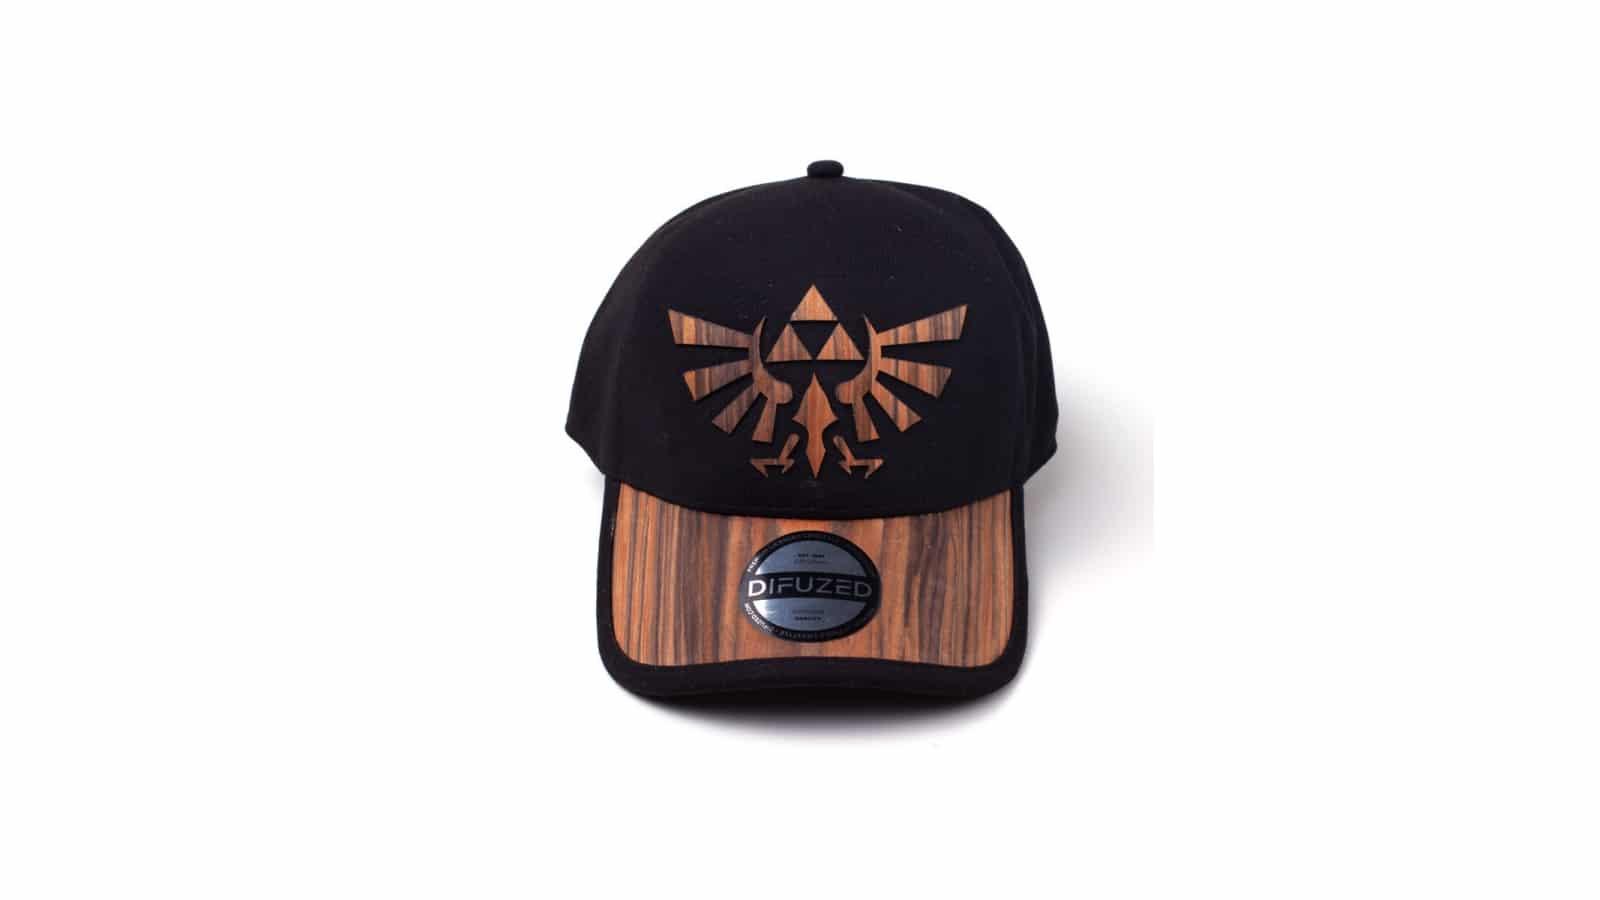 כובע - זלדה טרייפורס - עץ